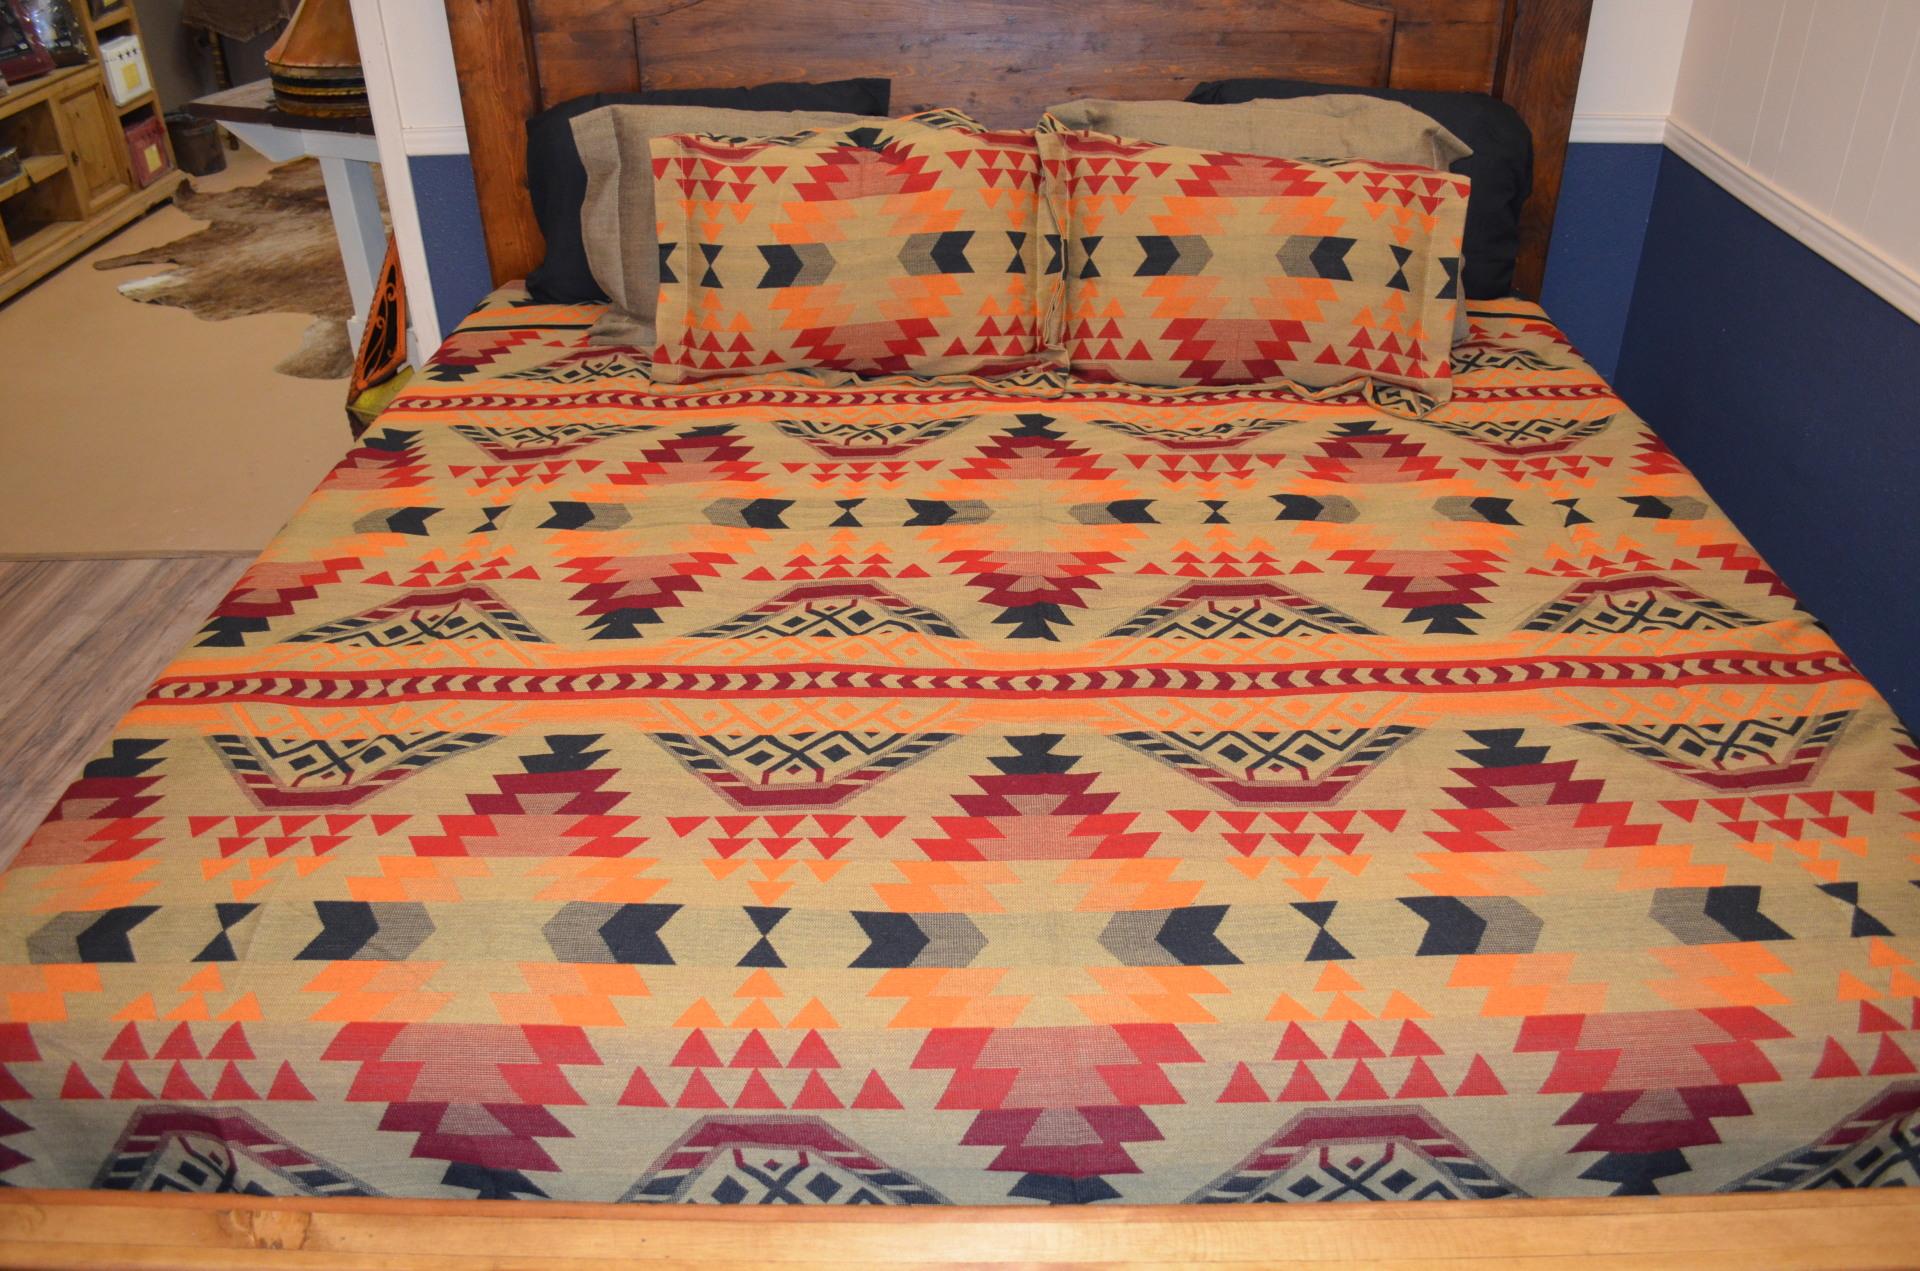 El Paso 7010 Aztec Bedspread- $90.00